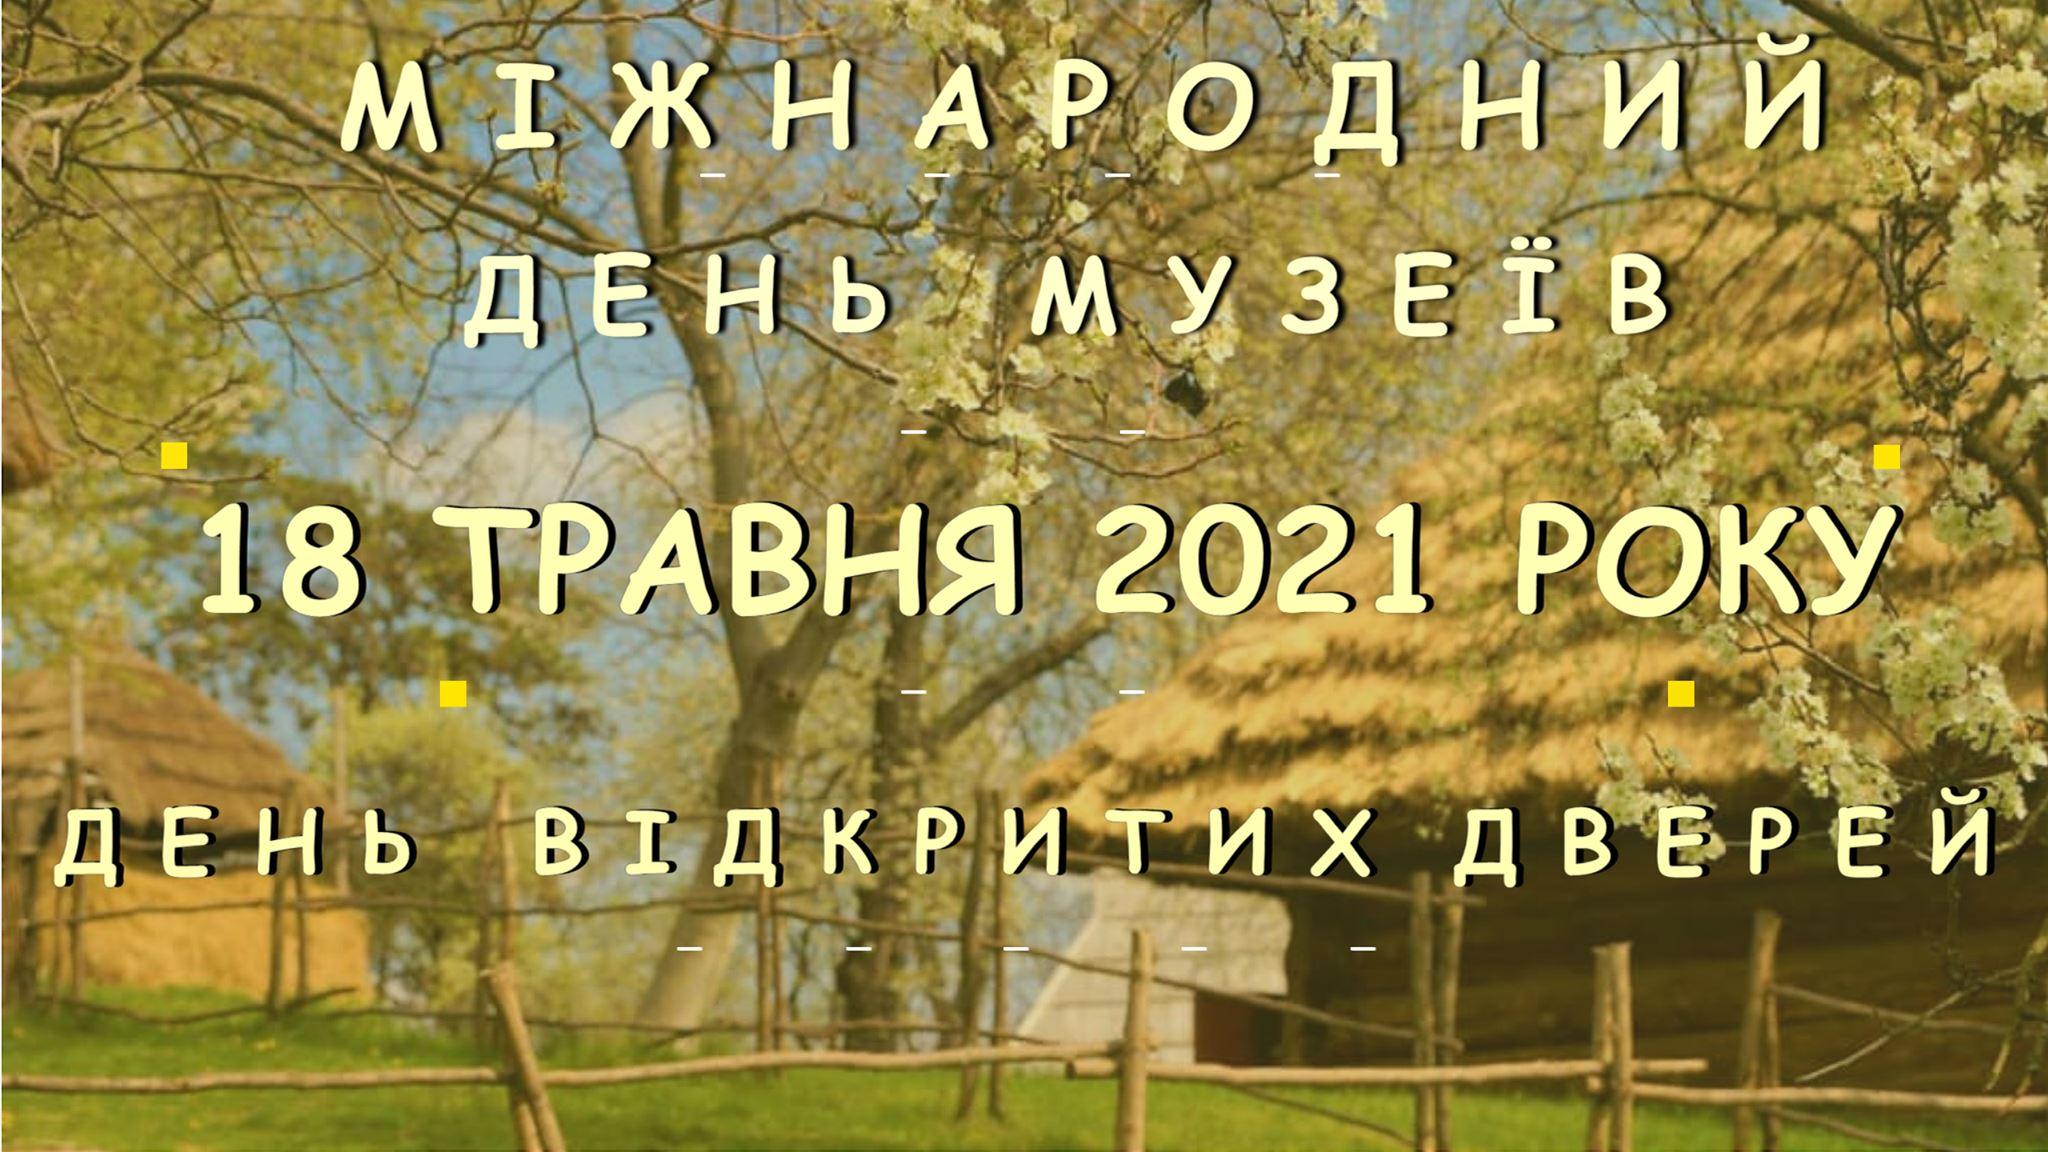 Ужгородський скансен підготував святкову програму до Дня музеїв